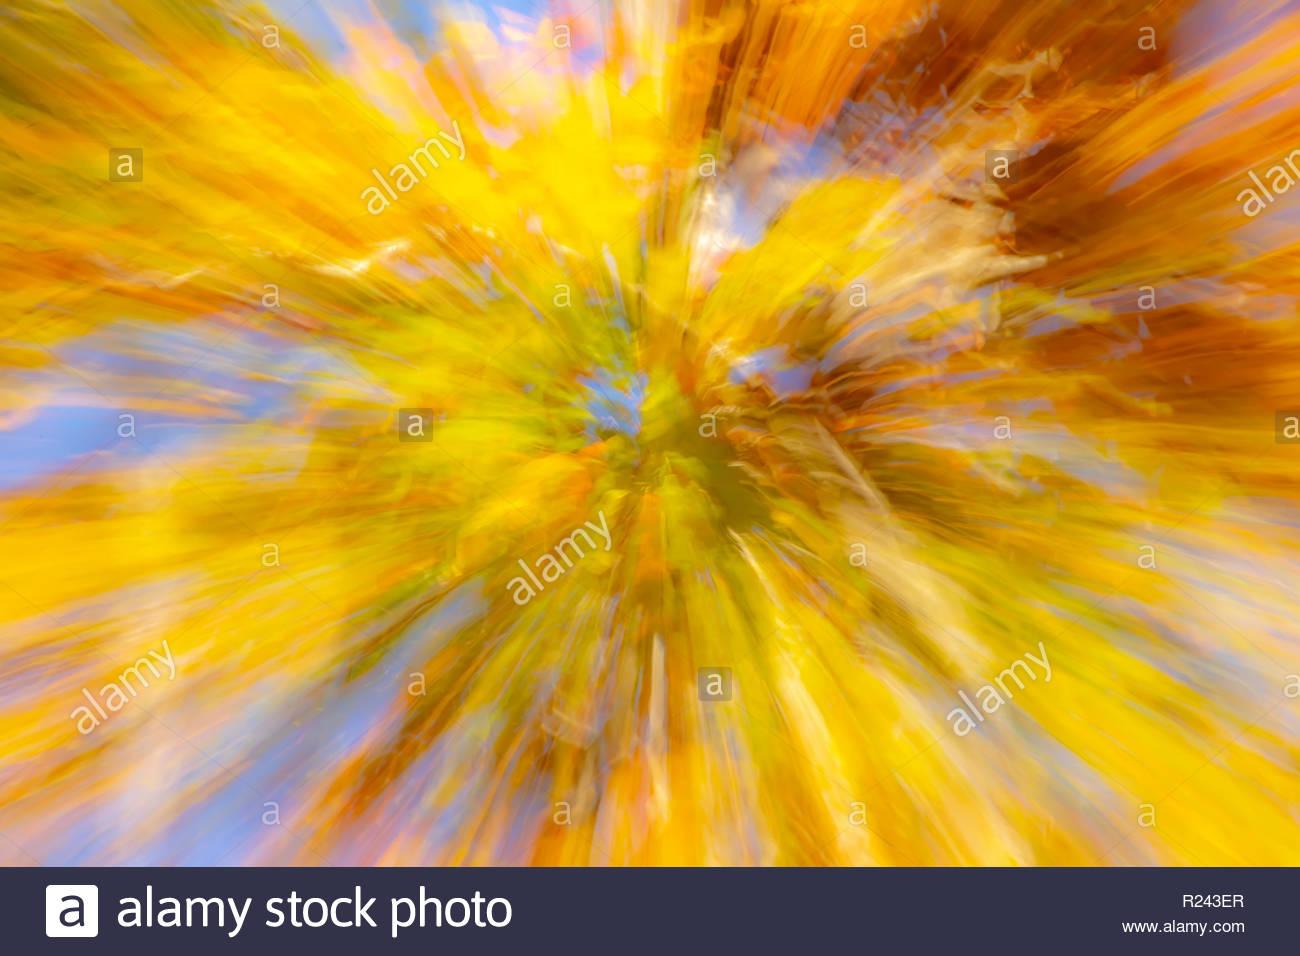 Zusammenfassung Hintergrund In Herbstlichen Farben Strahlen Von